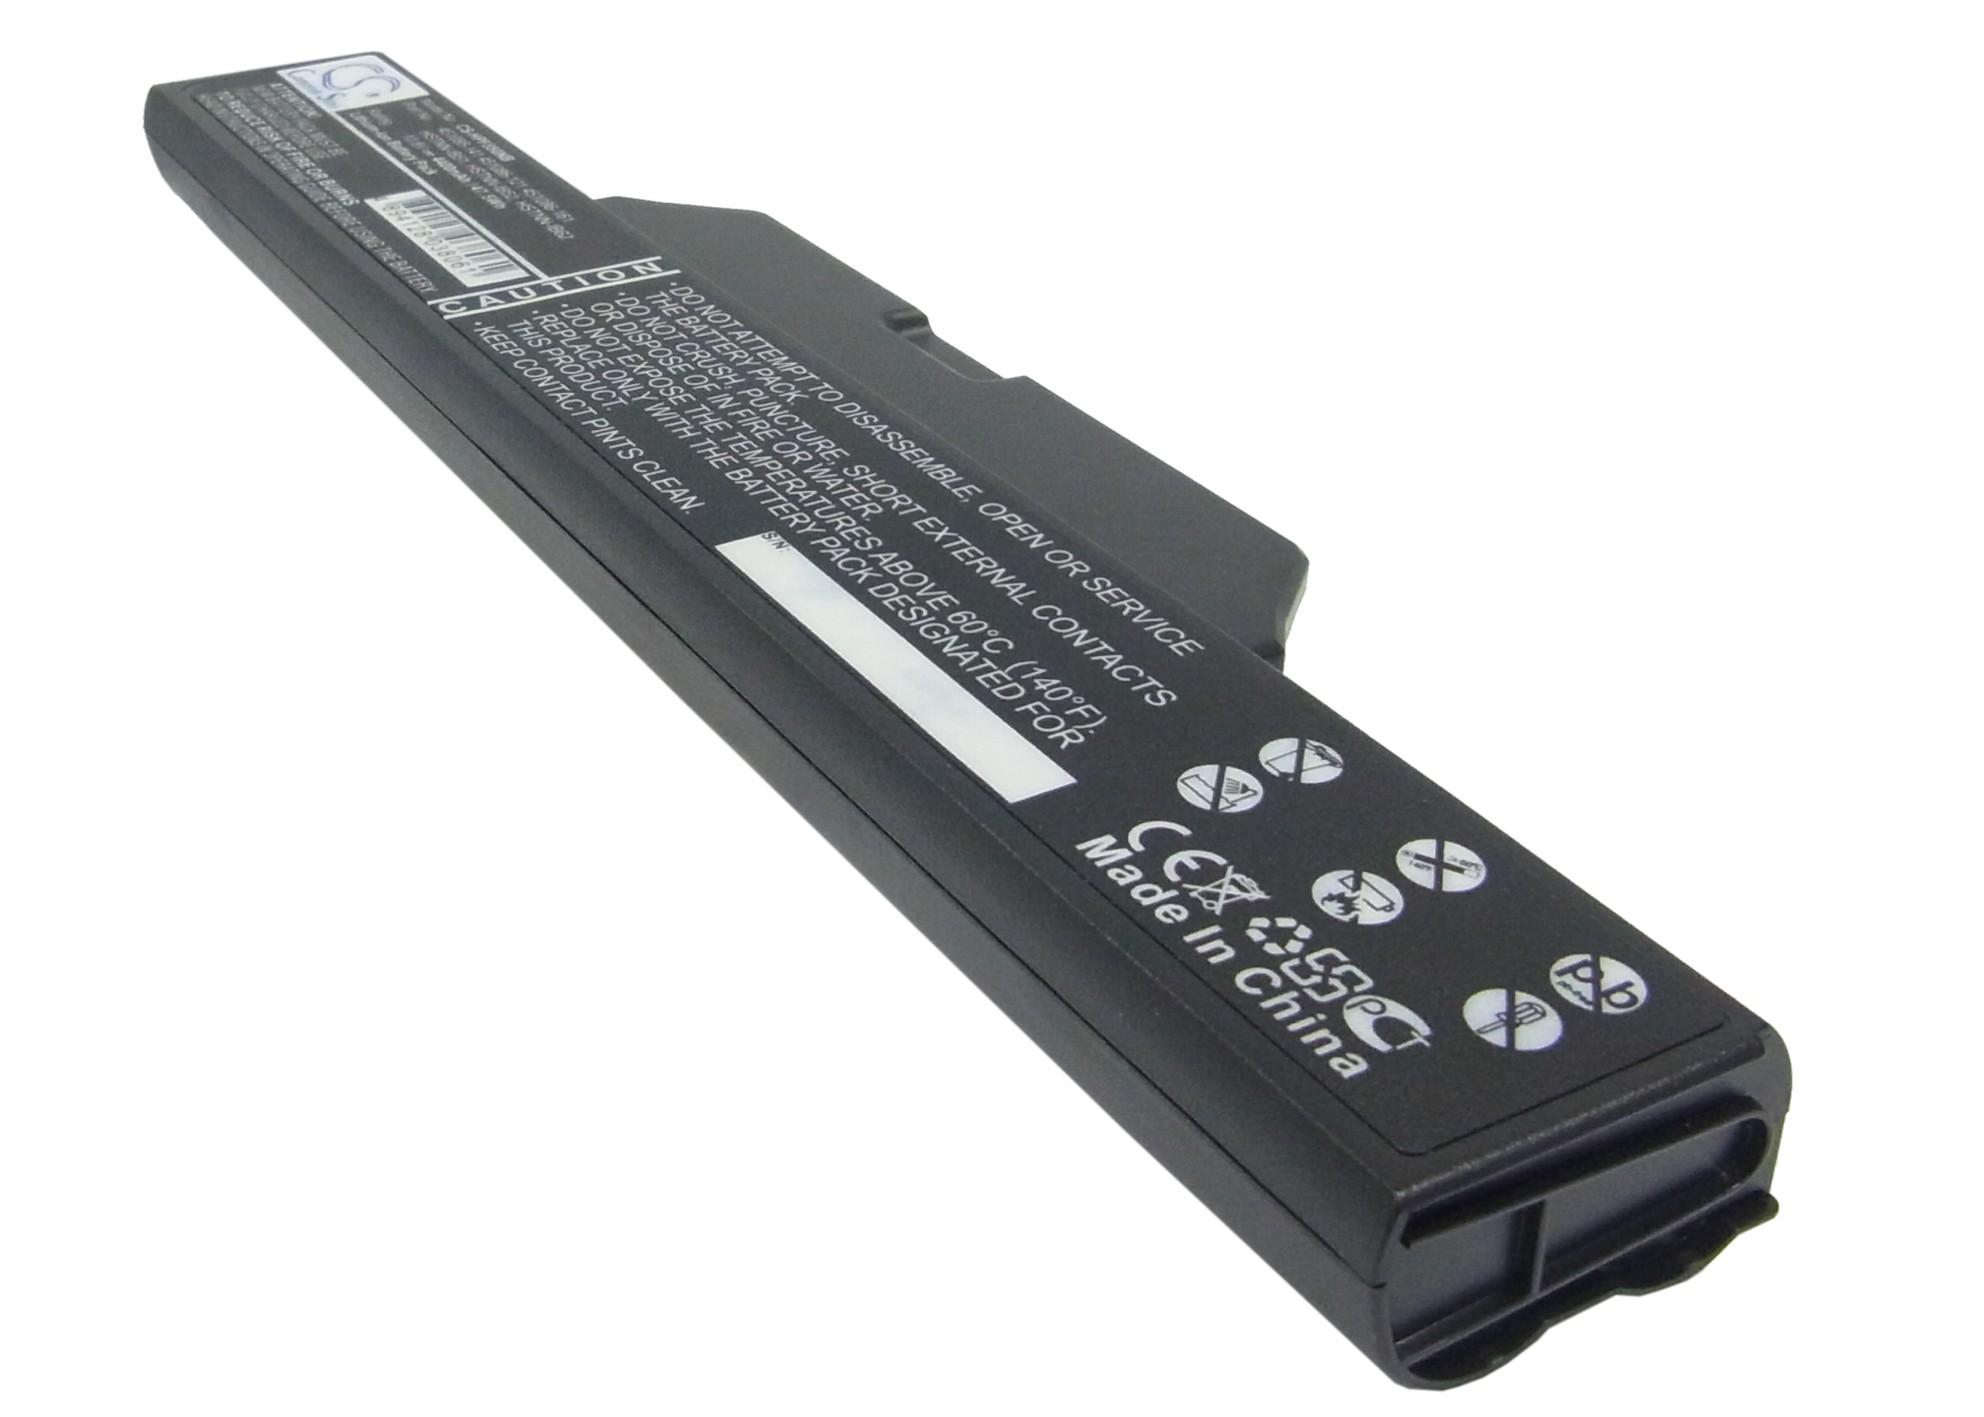 Cameron Sino baterie do notebooků pro HP Business Notebook 6735s 10.8V Li-ion 4400mAh černá - neoriginální